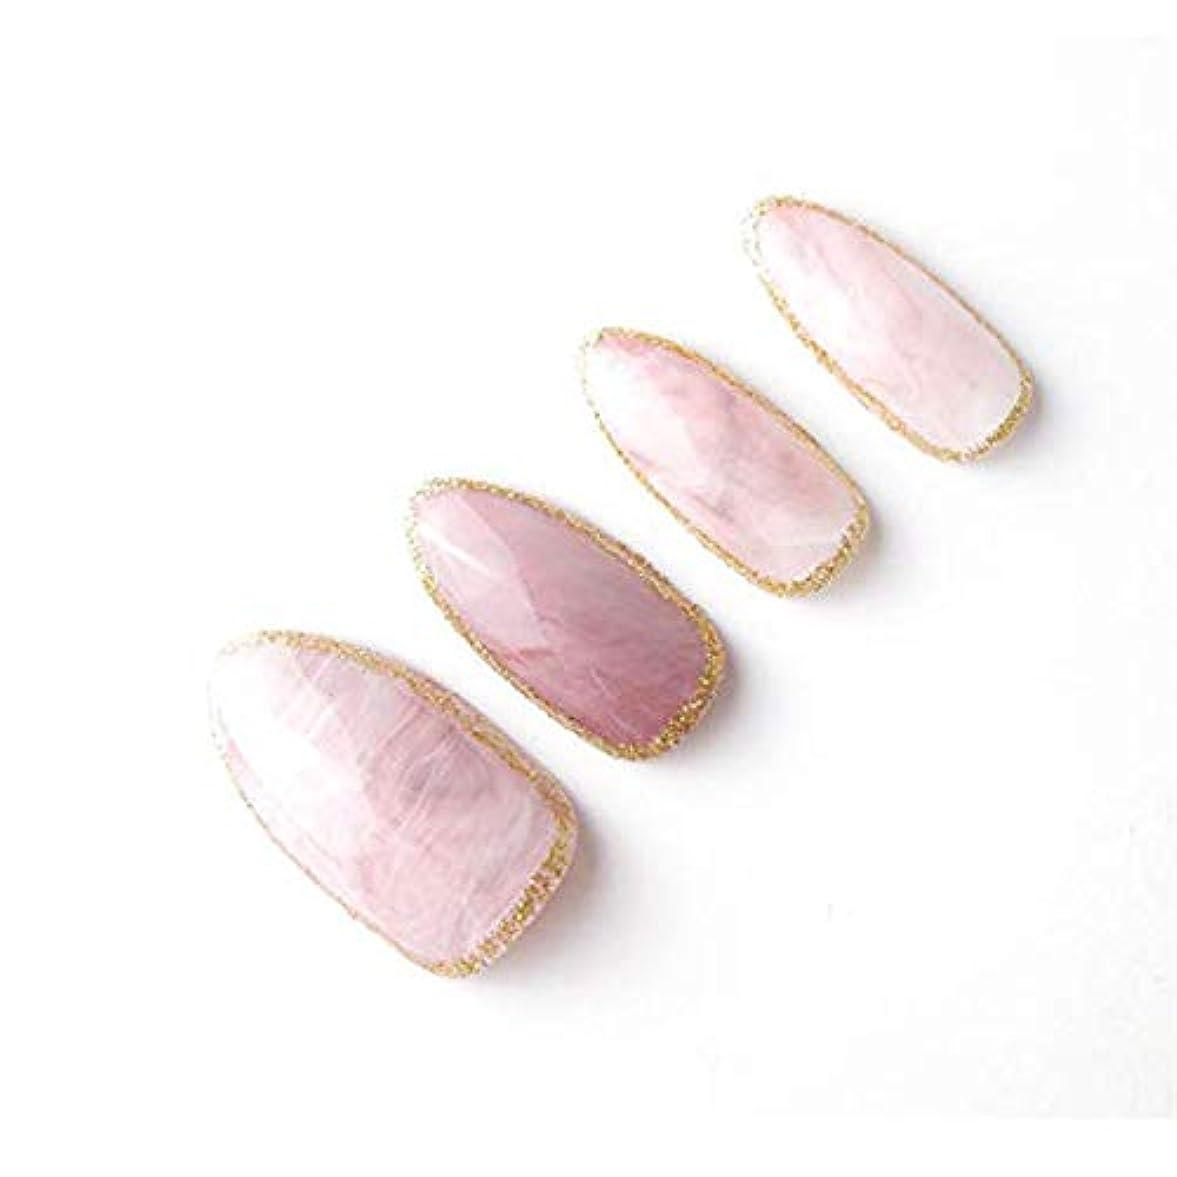 姿を消す安全などれかYuNail ネイルチップ 24枚 ピンク 石の質感 楕円形状 短い アクリル